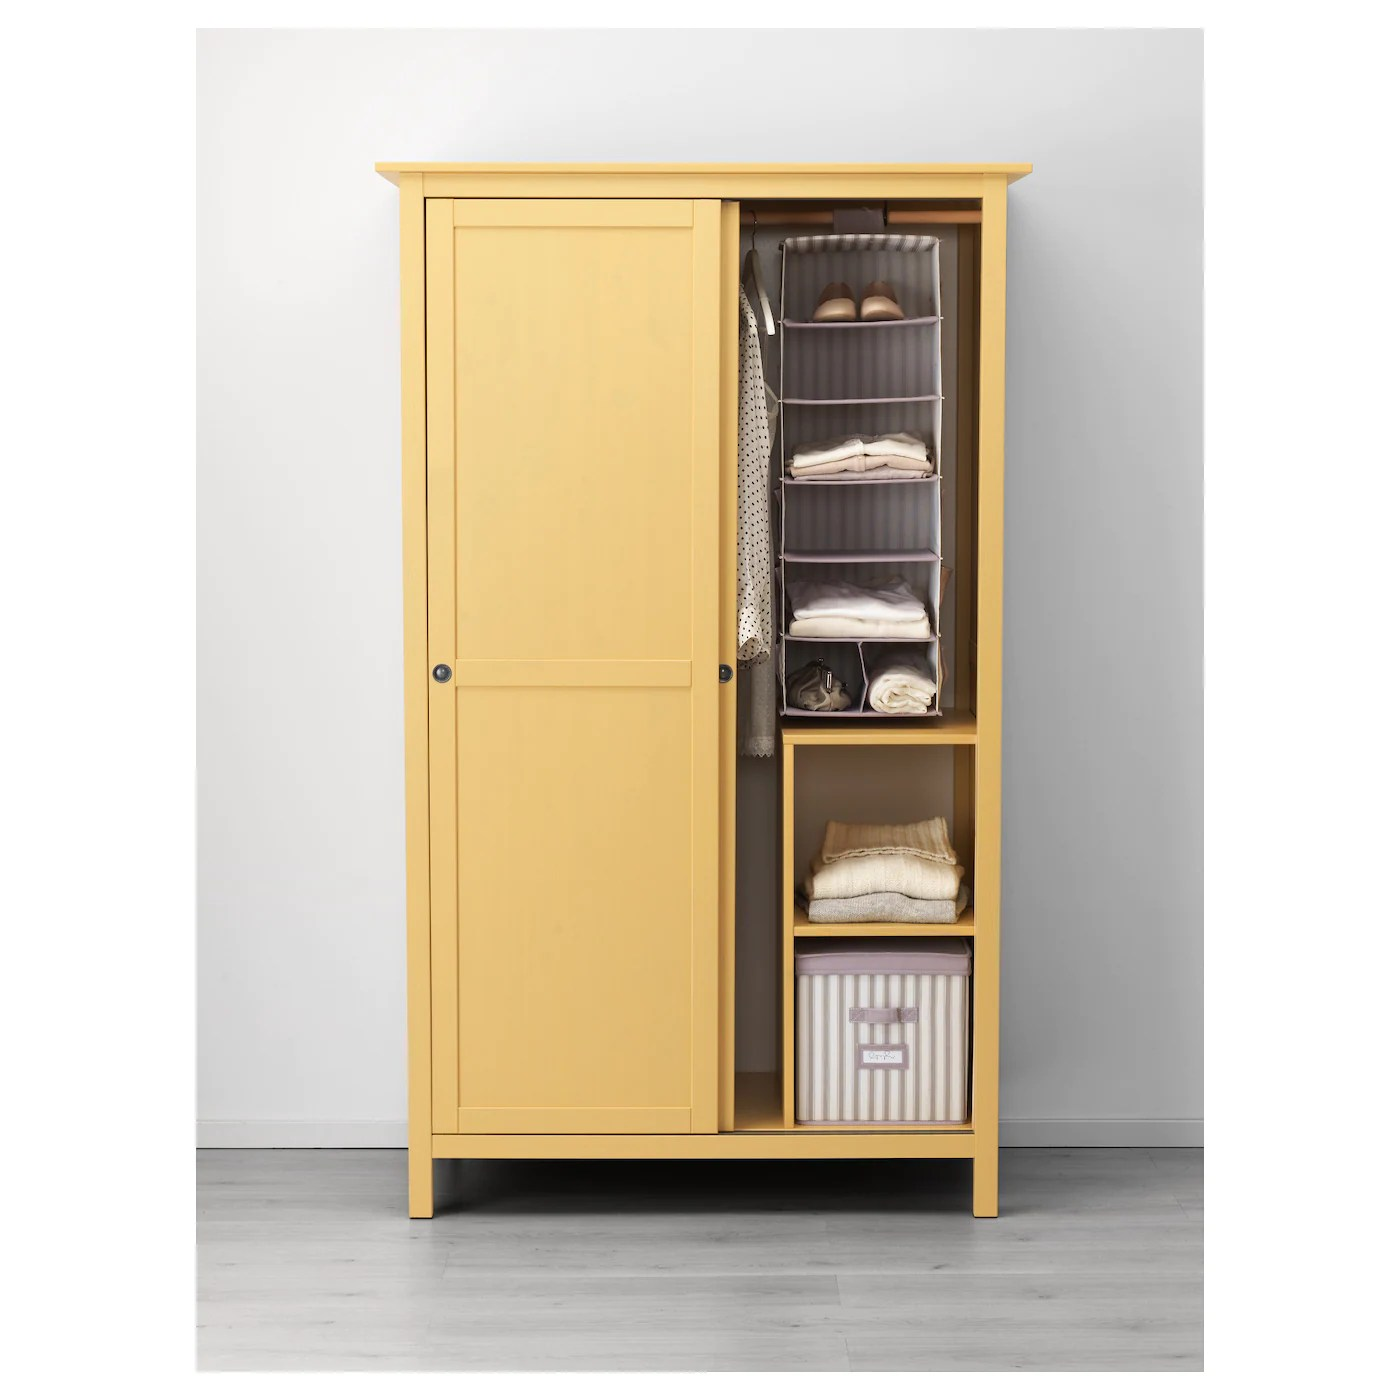 Hemnes Wardrobe With 2 Sliding Doors Yellow 120 X 197 Cm